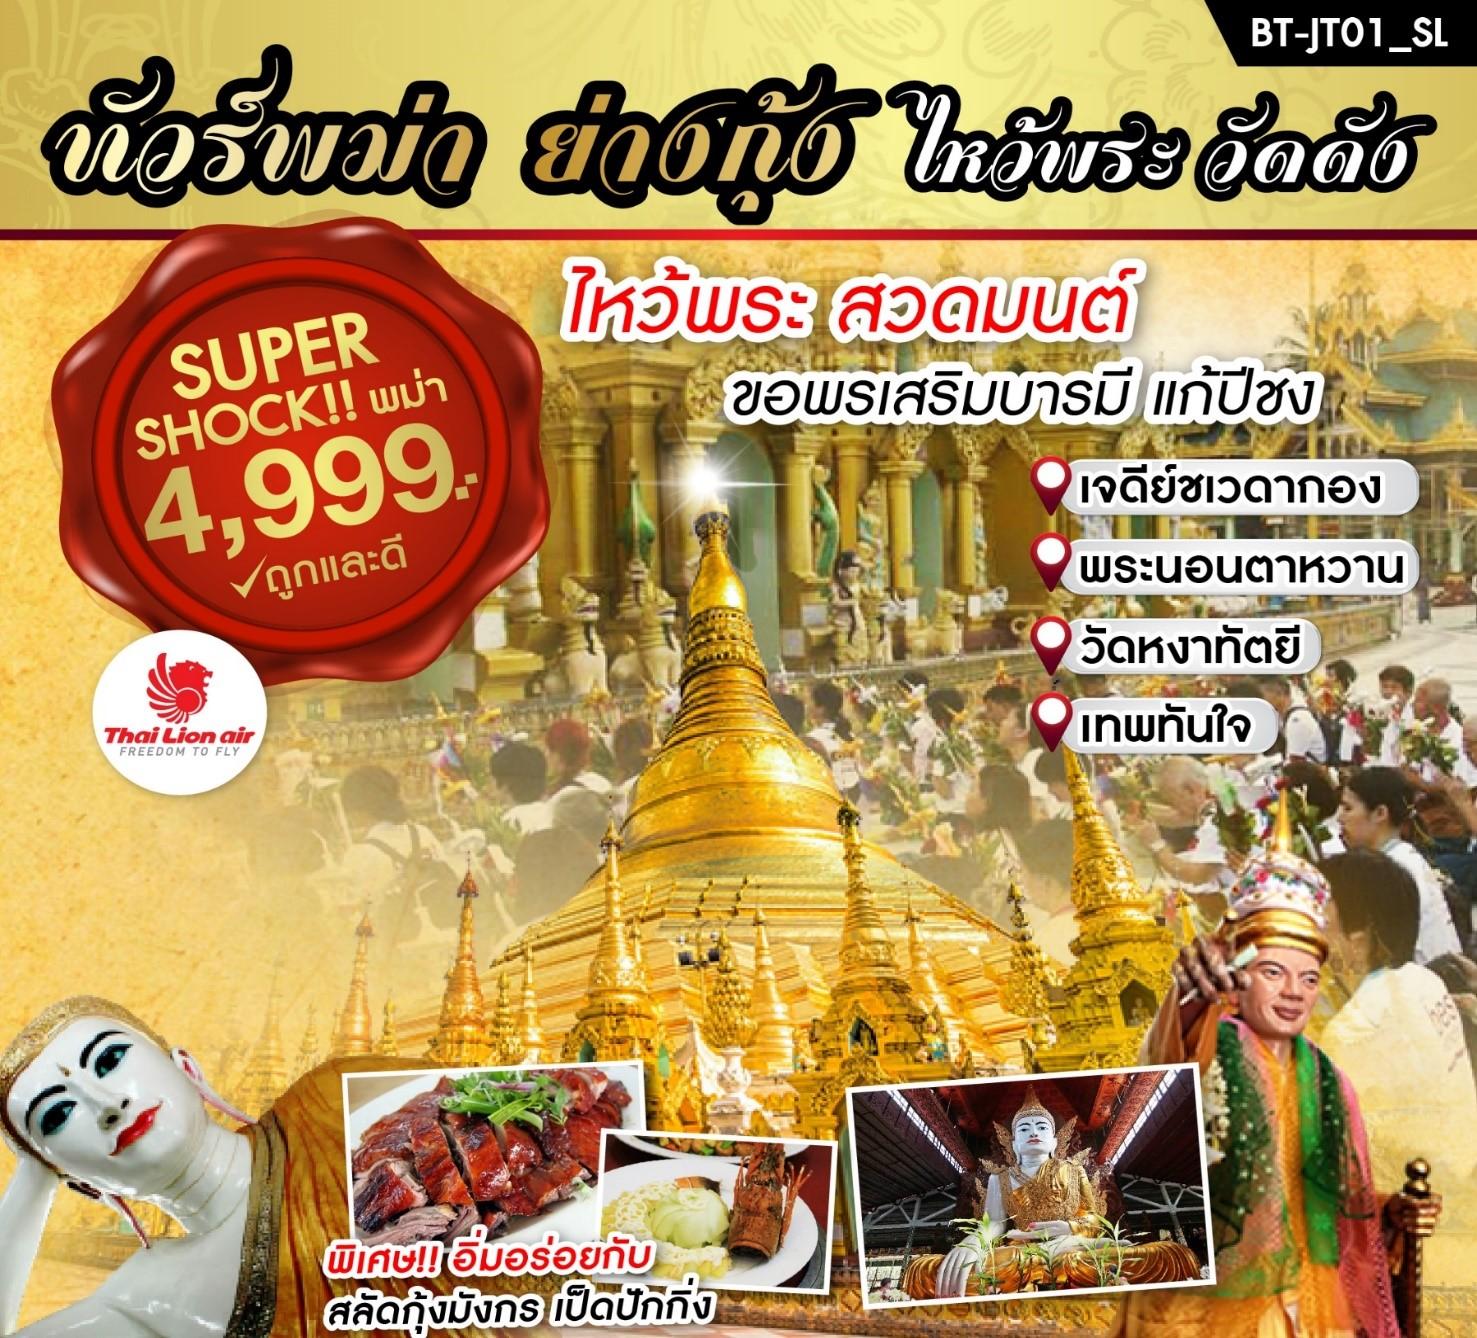 ทัวร์เมียนมาร์-Super-Shock-พม่า-ไหว้พระ-5-วัดดัง-1-วัน-(-OCT18-MAR19-)